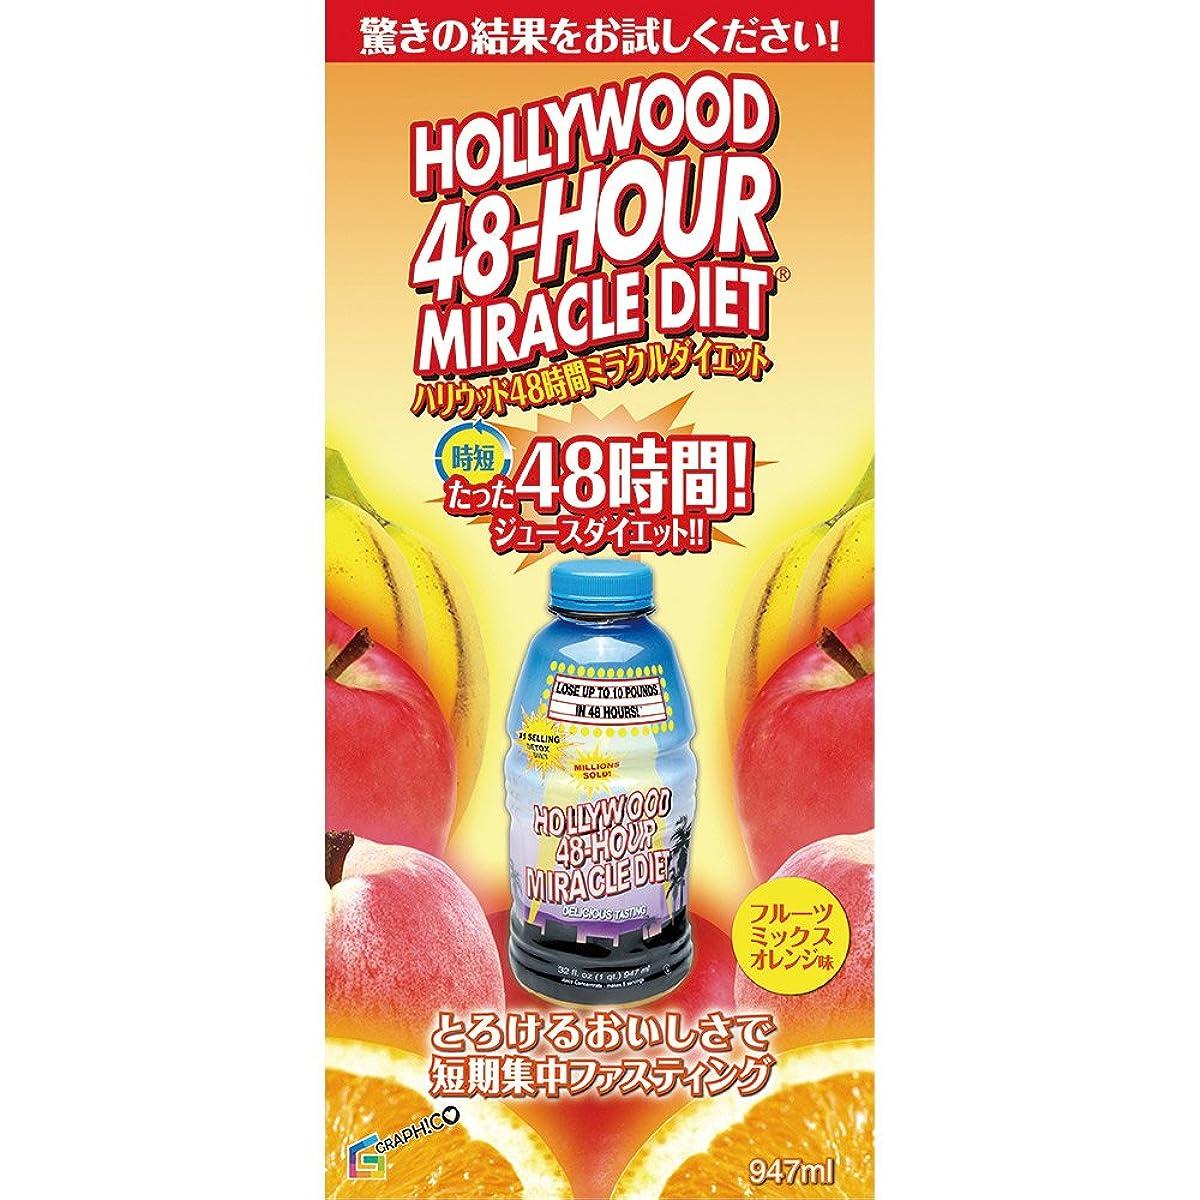 本質的に剥ぎ取るソーダ水ハリウッド48時間 ミラクルダイエット (フルーツミックスオレンジ味) 947ml